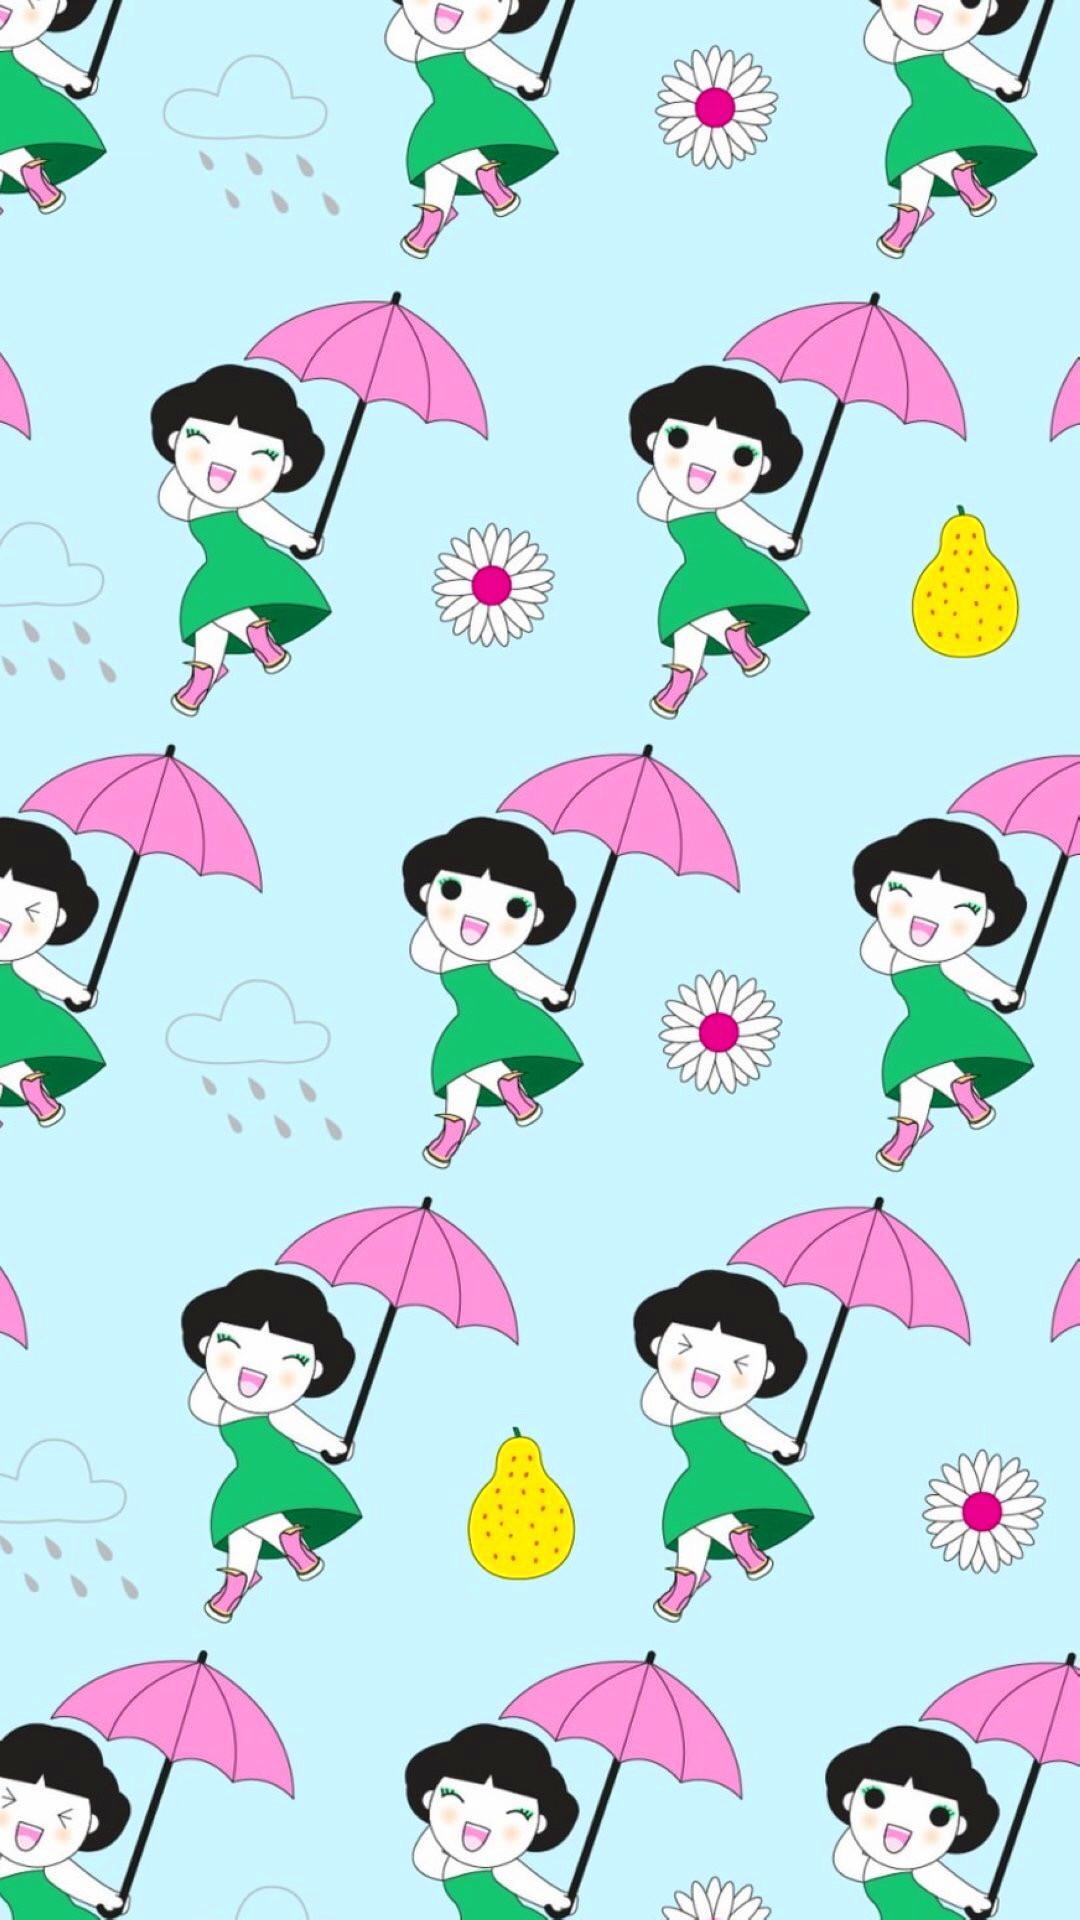 动漫壁纸:二次元萌妹子手机壁纸,每一张都好喜欢黄_污漫画姐弟图片